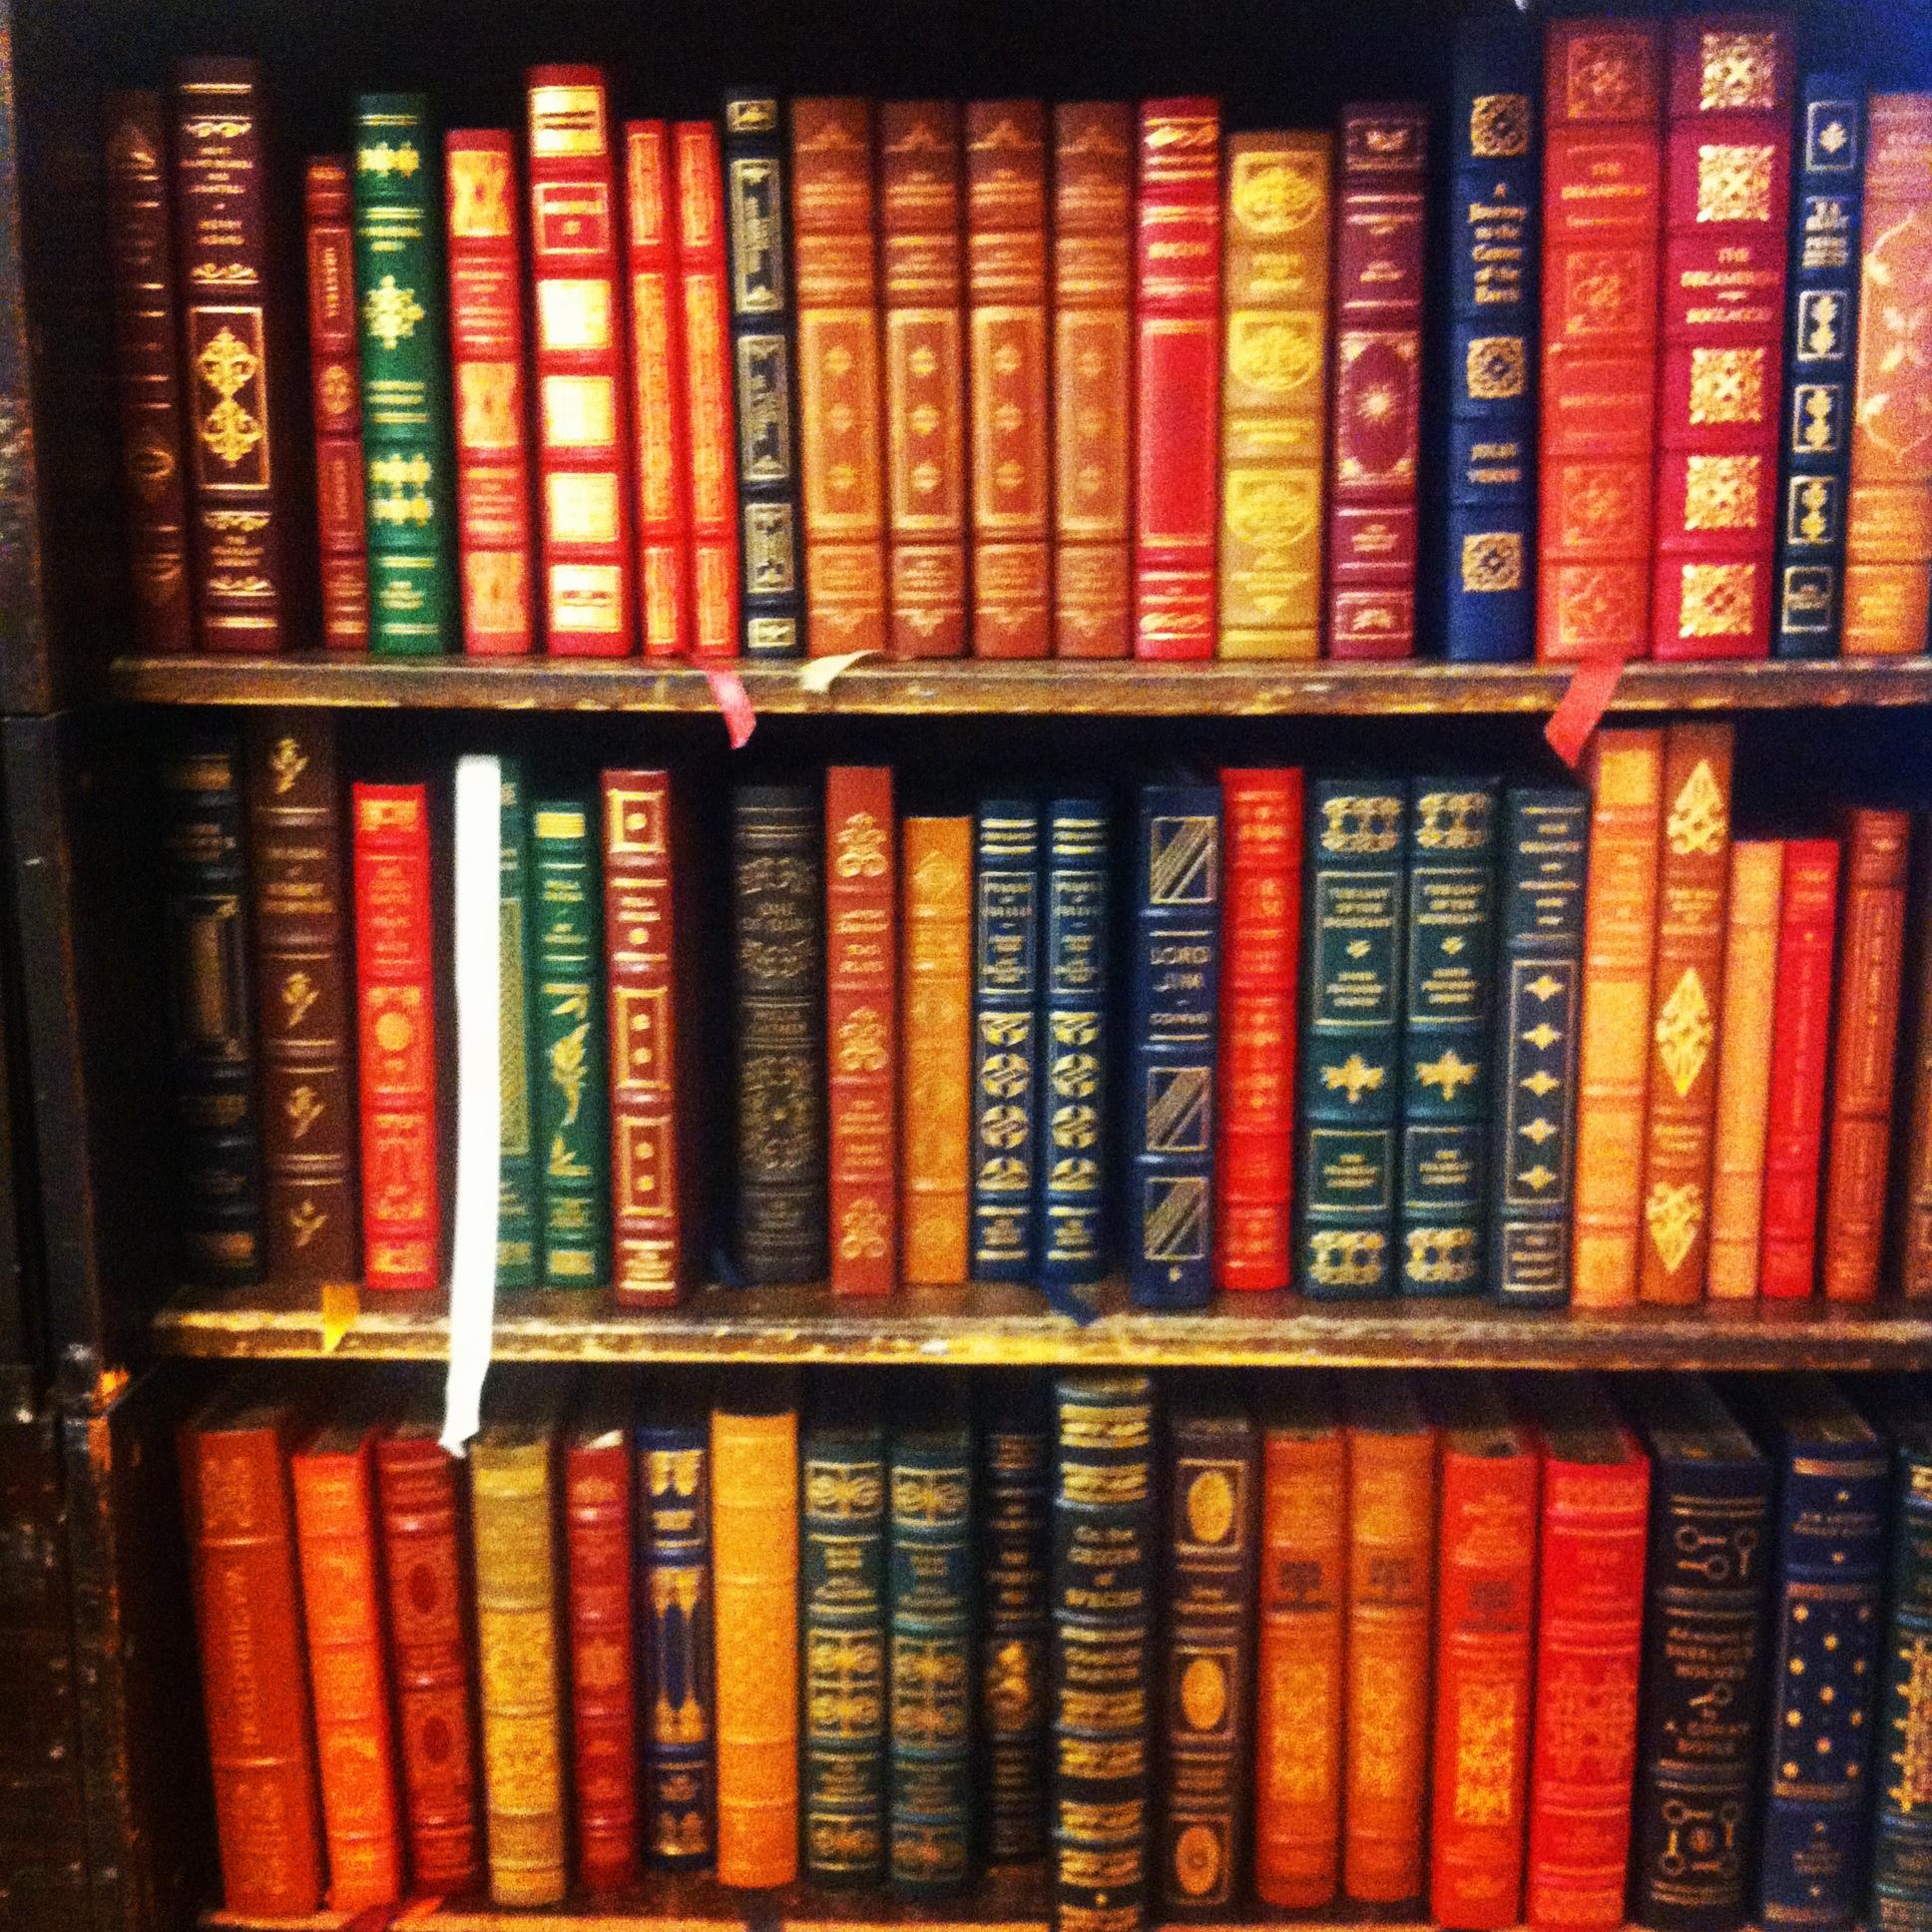 Egenutgivare skapar arbete på Kungliga biblioteket